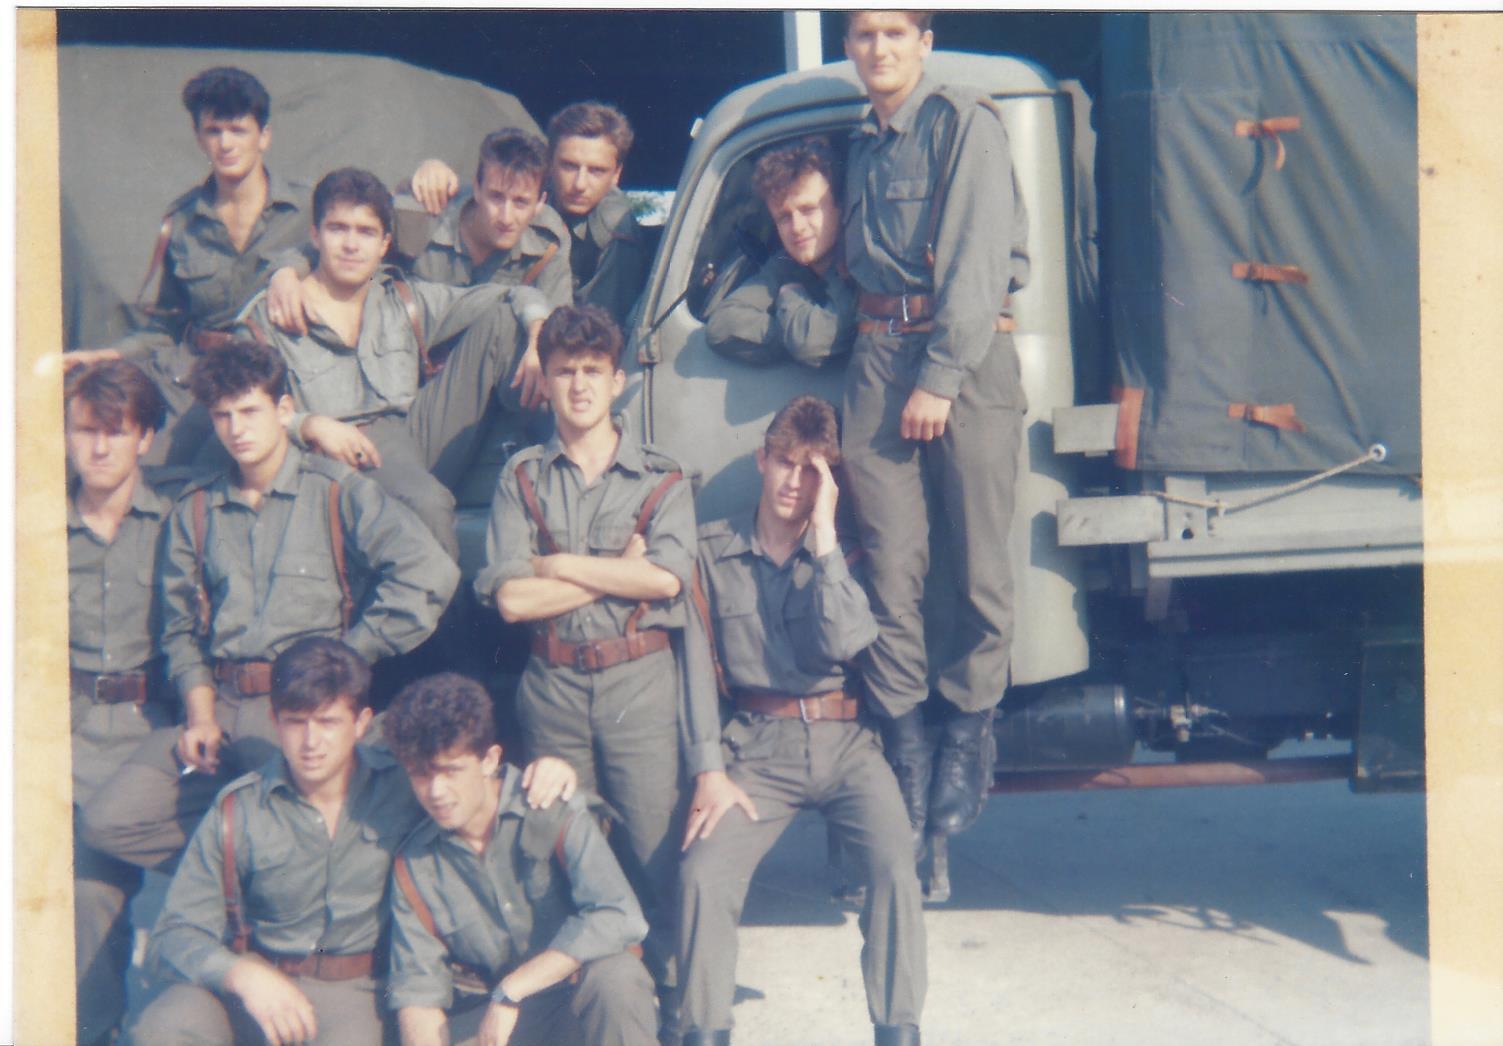 Novi Sad Dunavac VP1756 i 4219-1 1989/90 2dv95hj